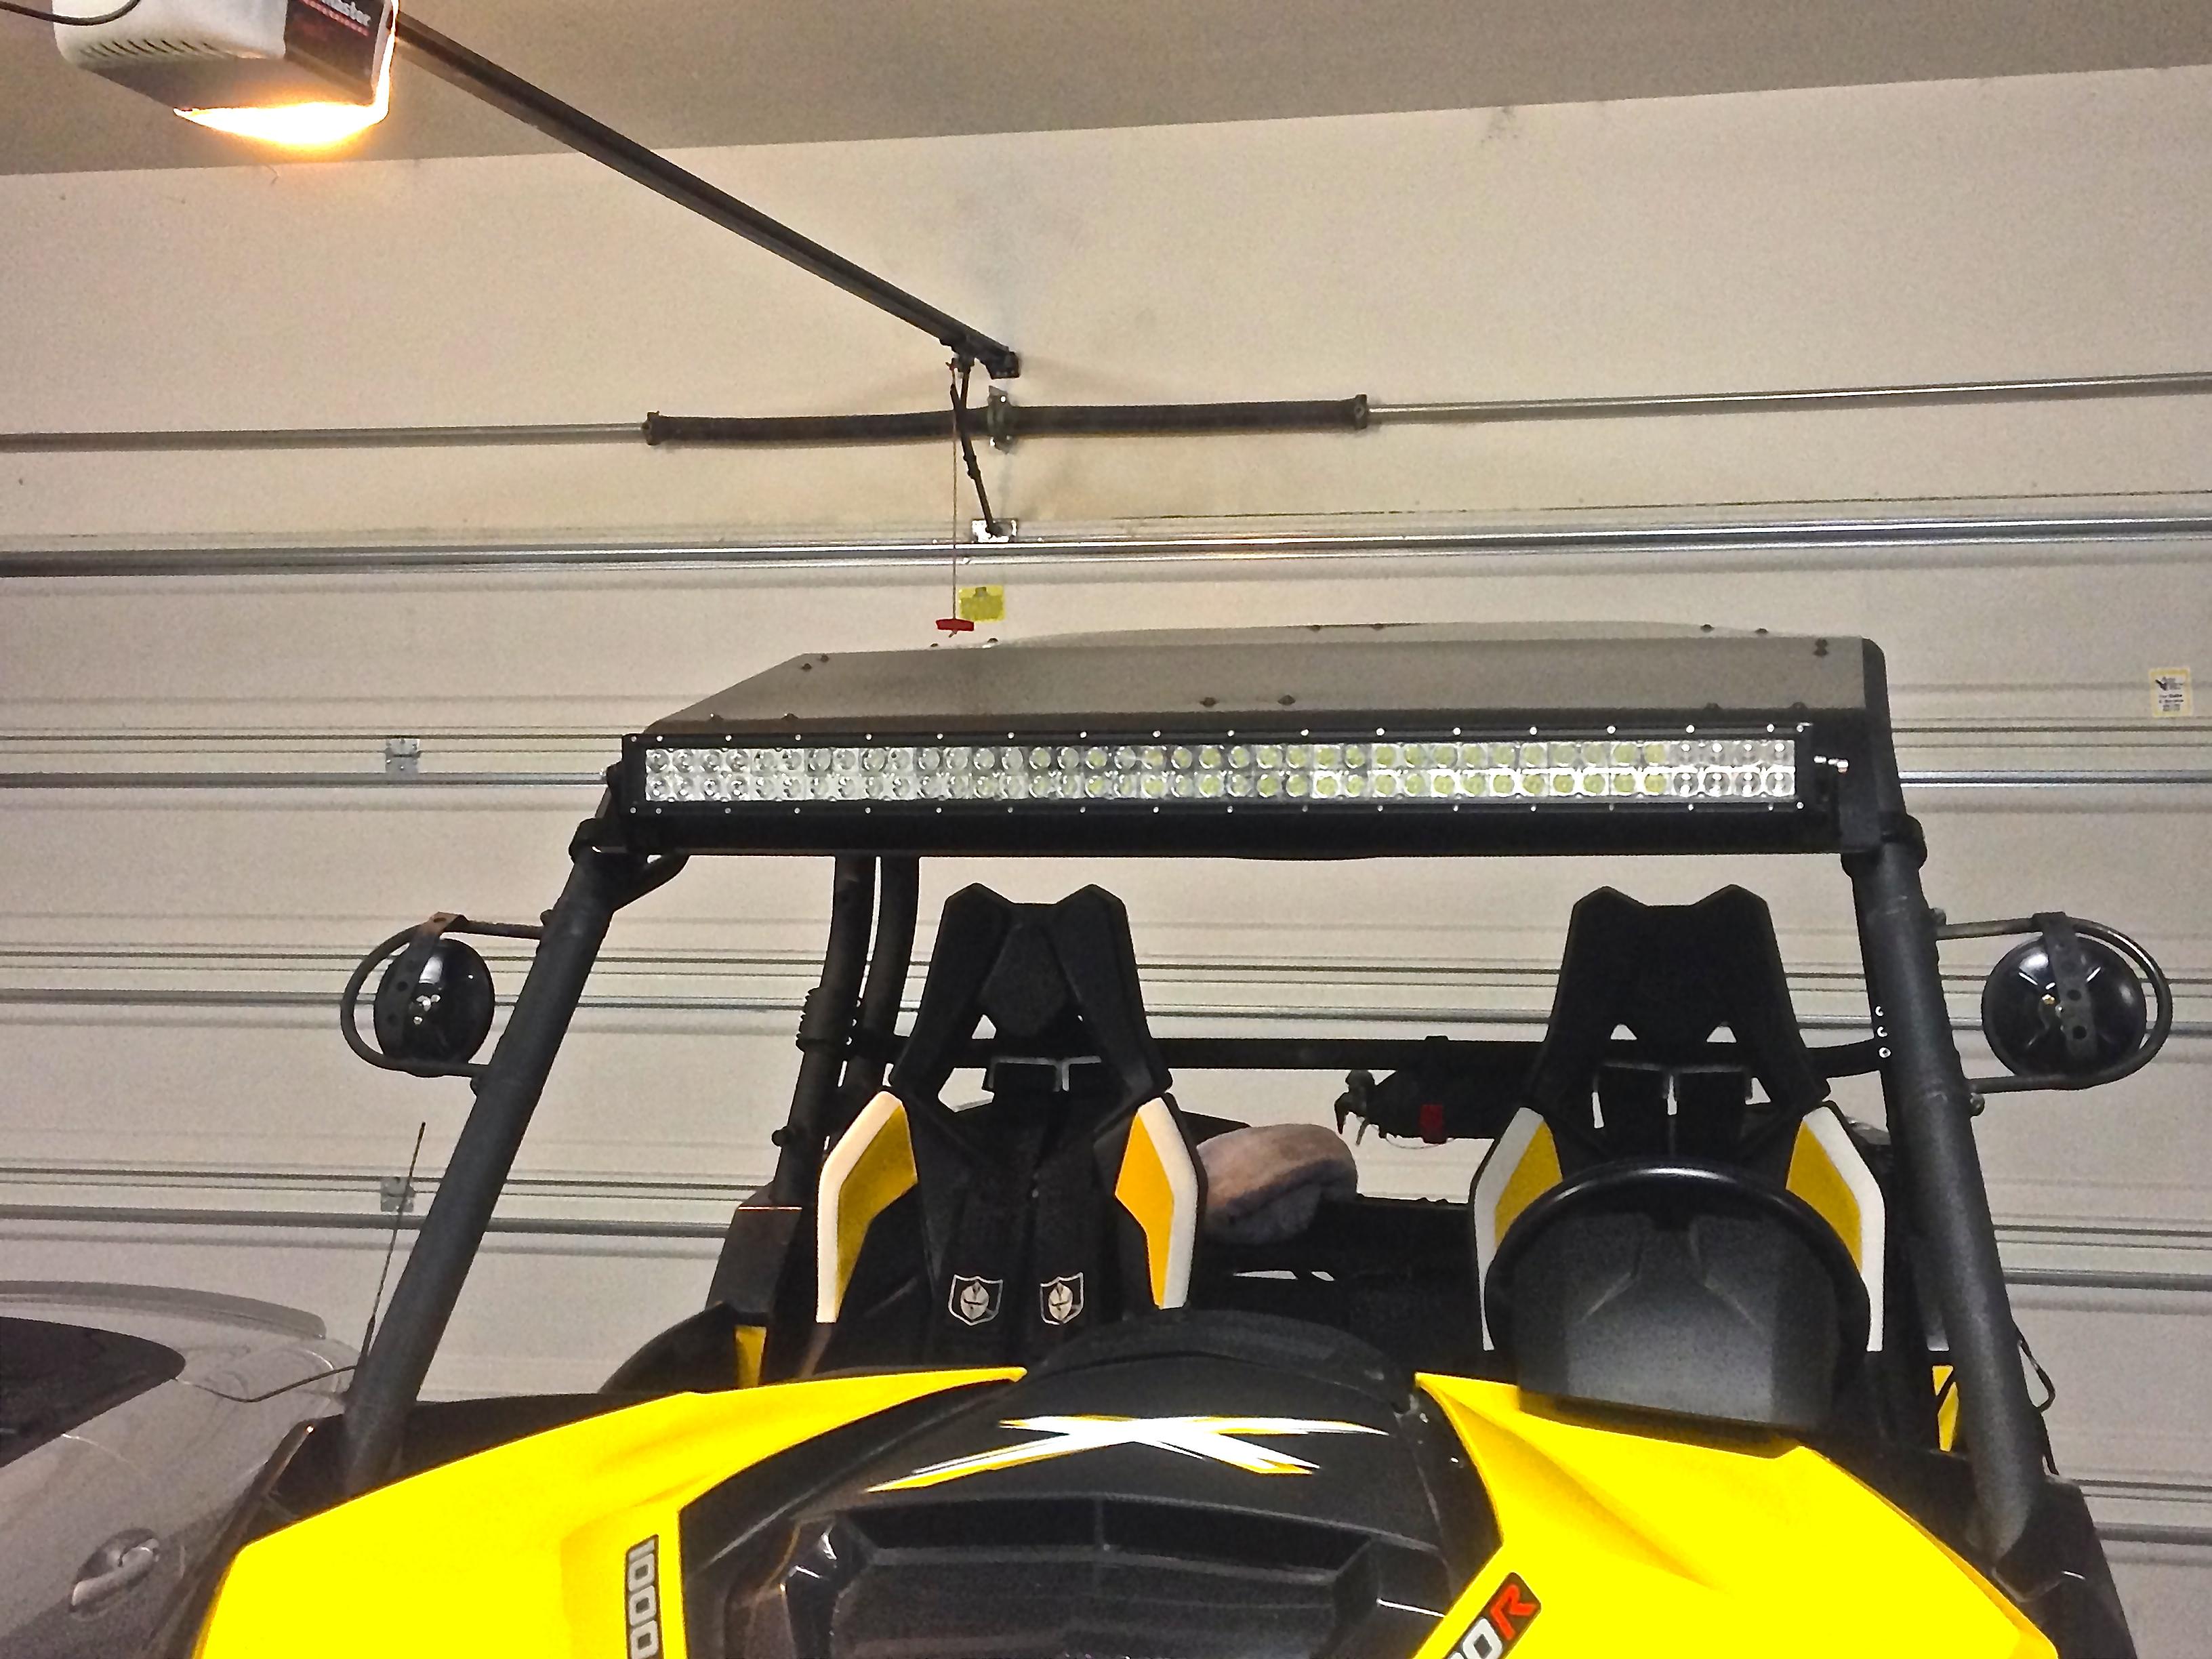 mounting options 40 totron light bar. Black Bedroom Furniture Sets. Home Design Ideas